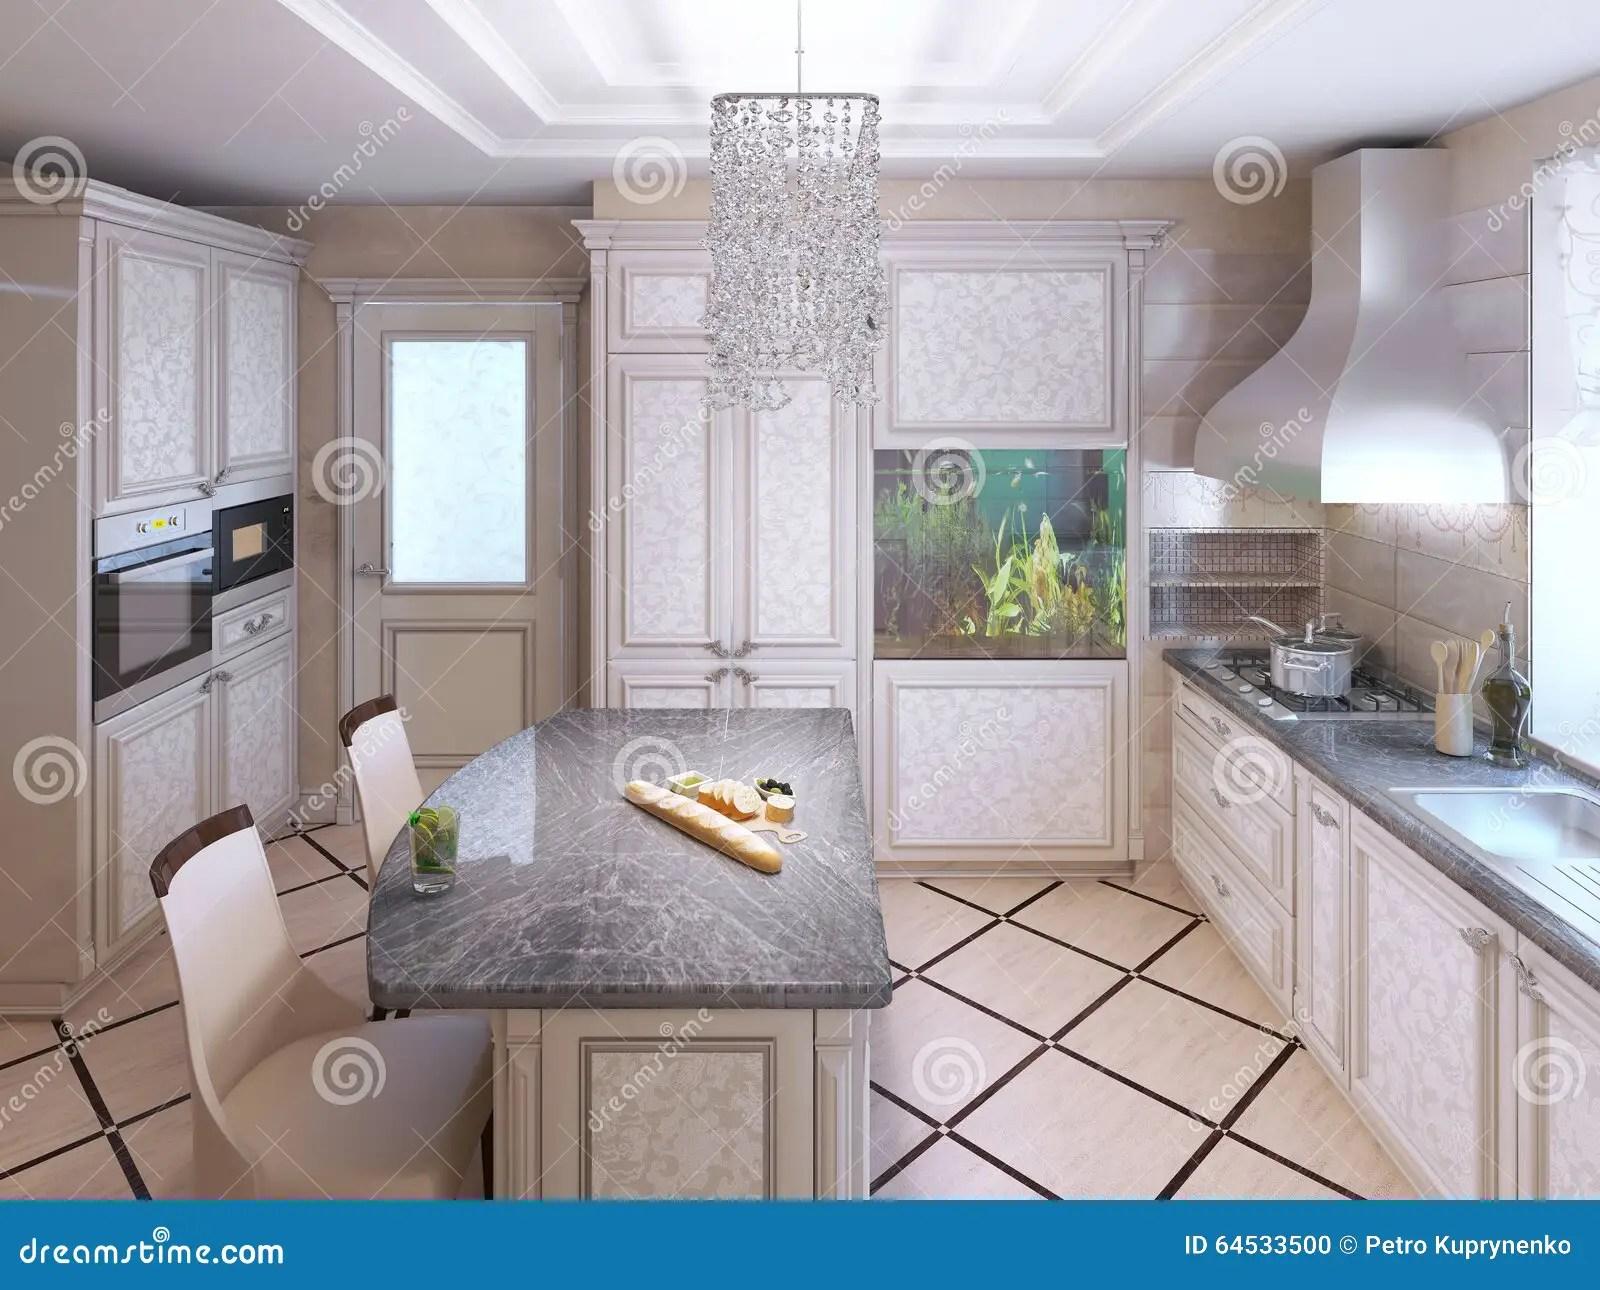 Dipingere piastrelle cucina piastrelle adesive cucina leroy